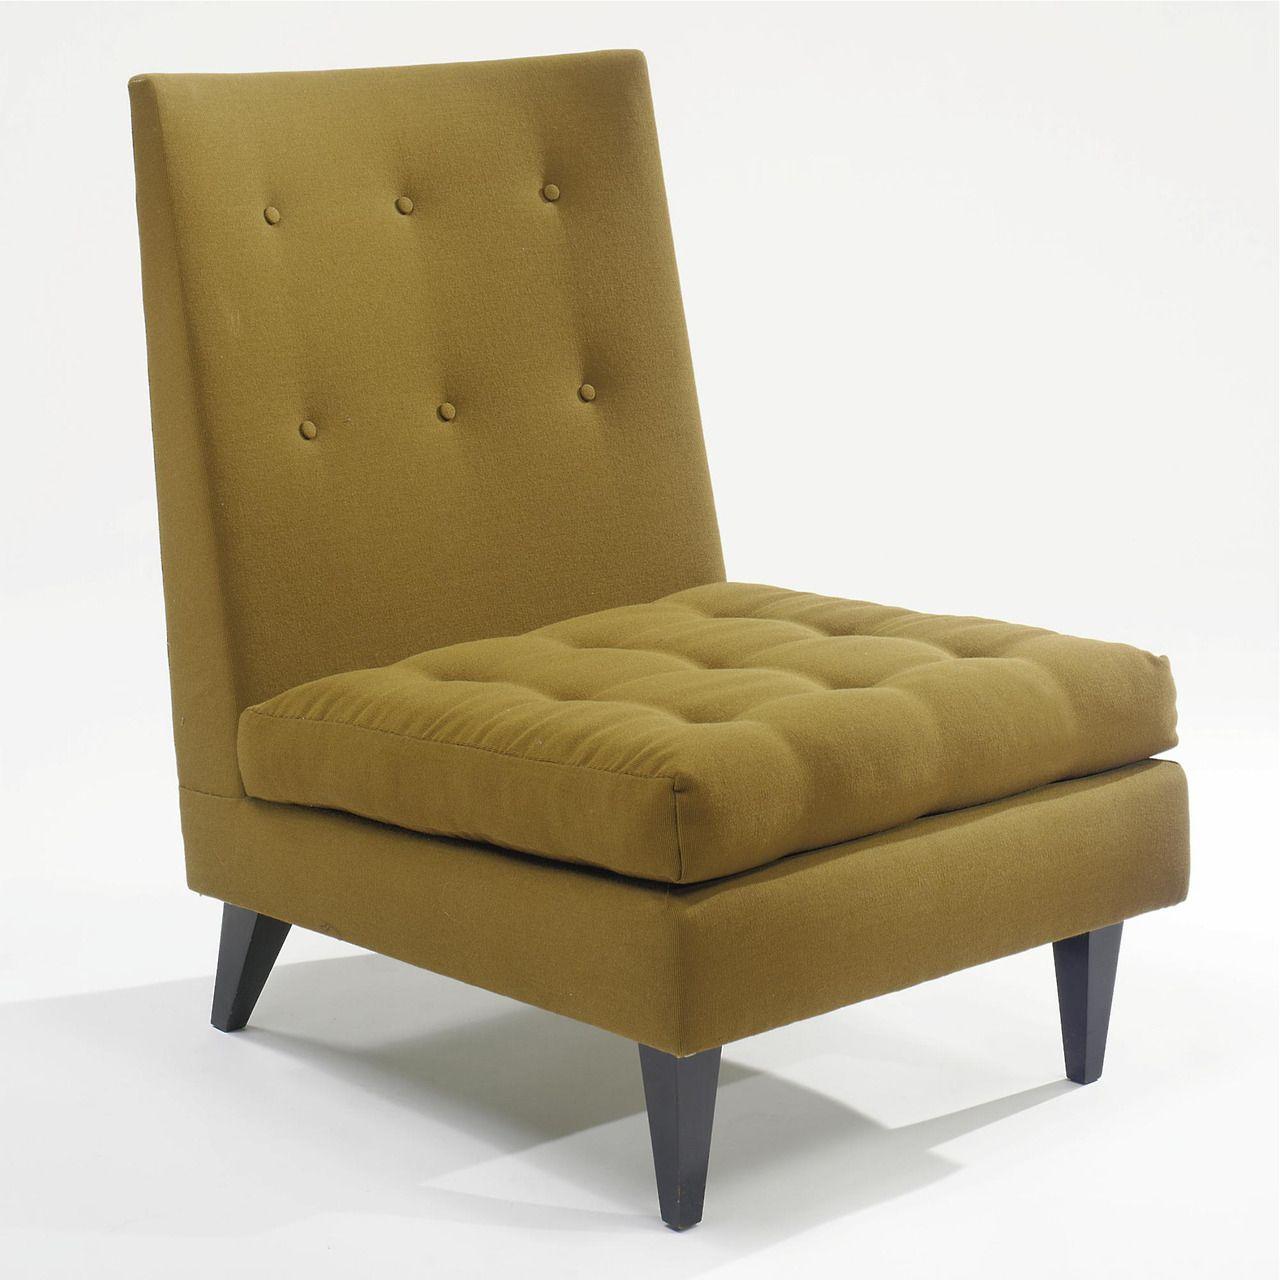 Joaquim Tenreiro Low lounge chair Dimensions 32 ½ in